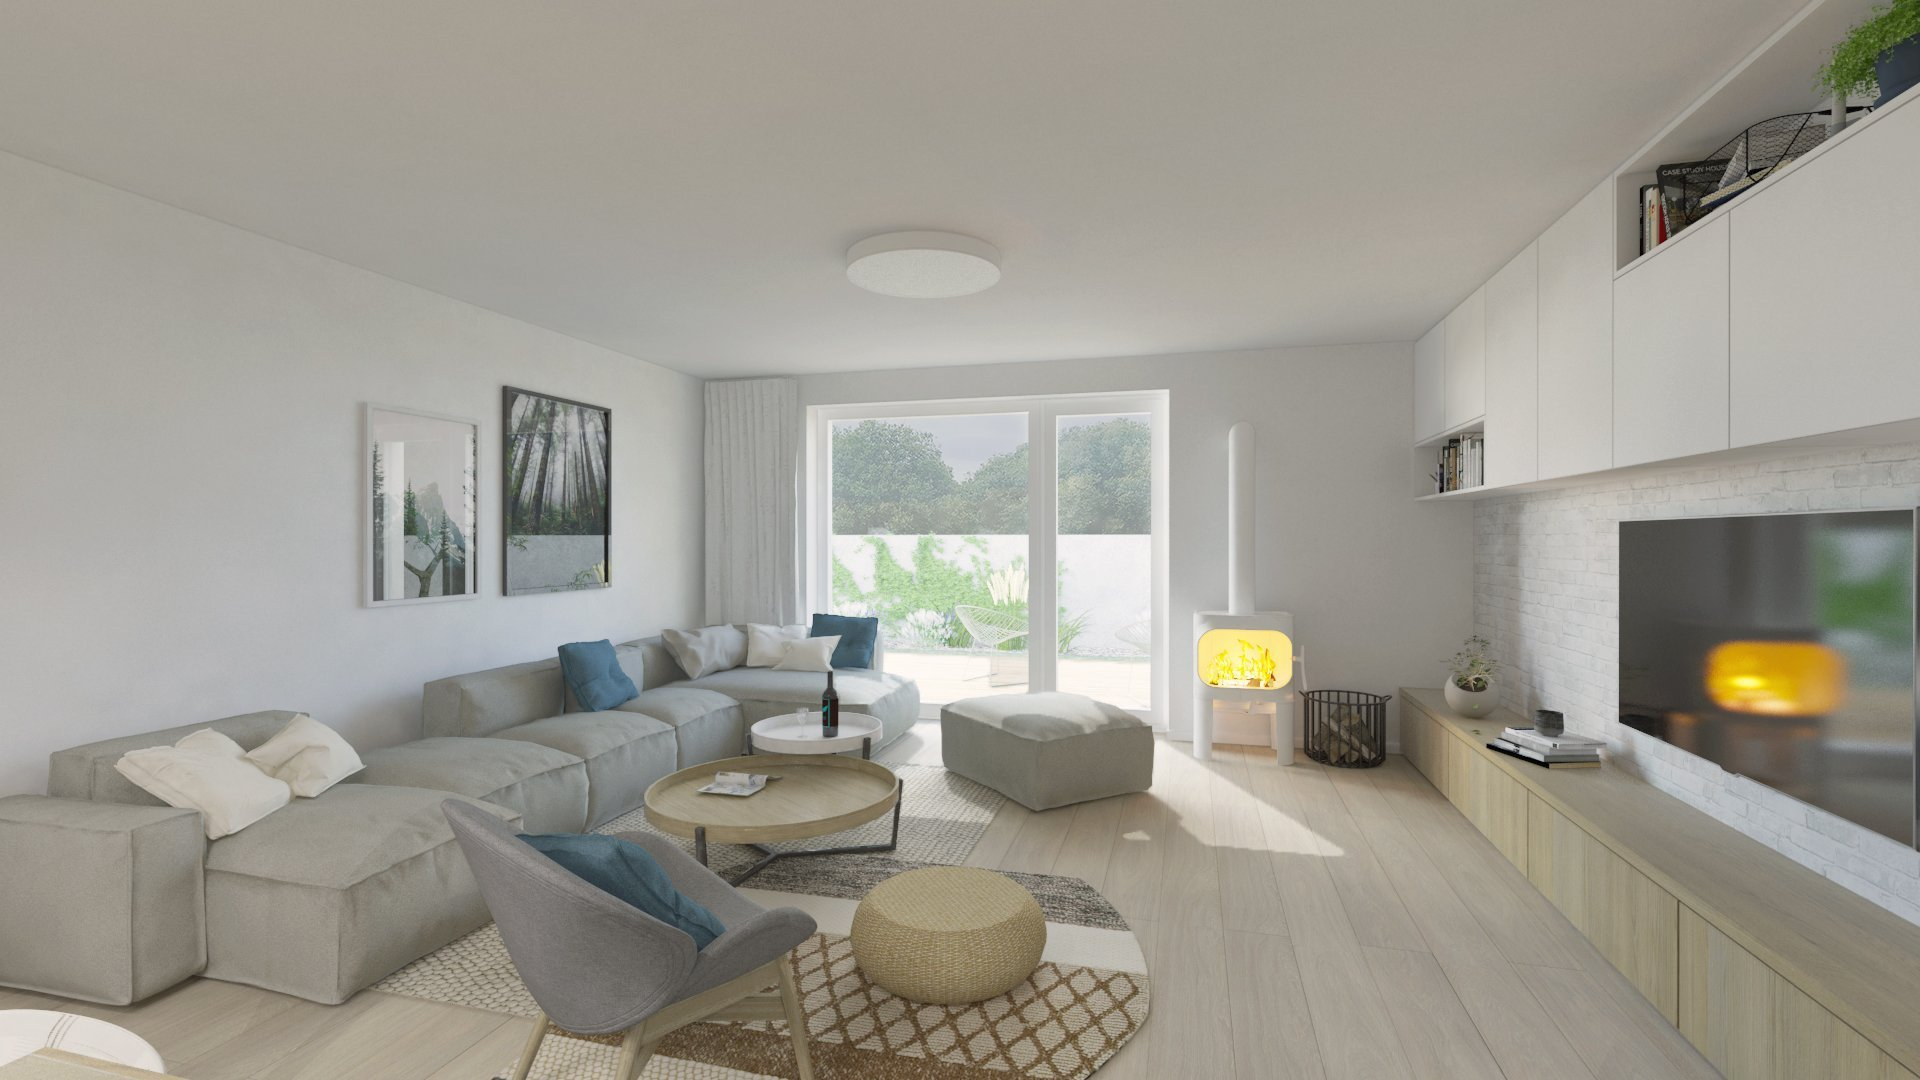 Útulnú atmosféru v interiéri sme dosiahli kombináciou bieleho nábytku s akcentmi dreva, sivej, čiernej a na oživenie interiéru sme použili modrú farbu.  …